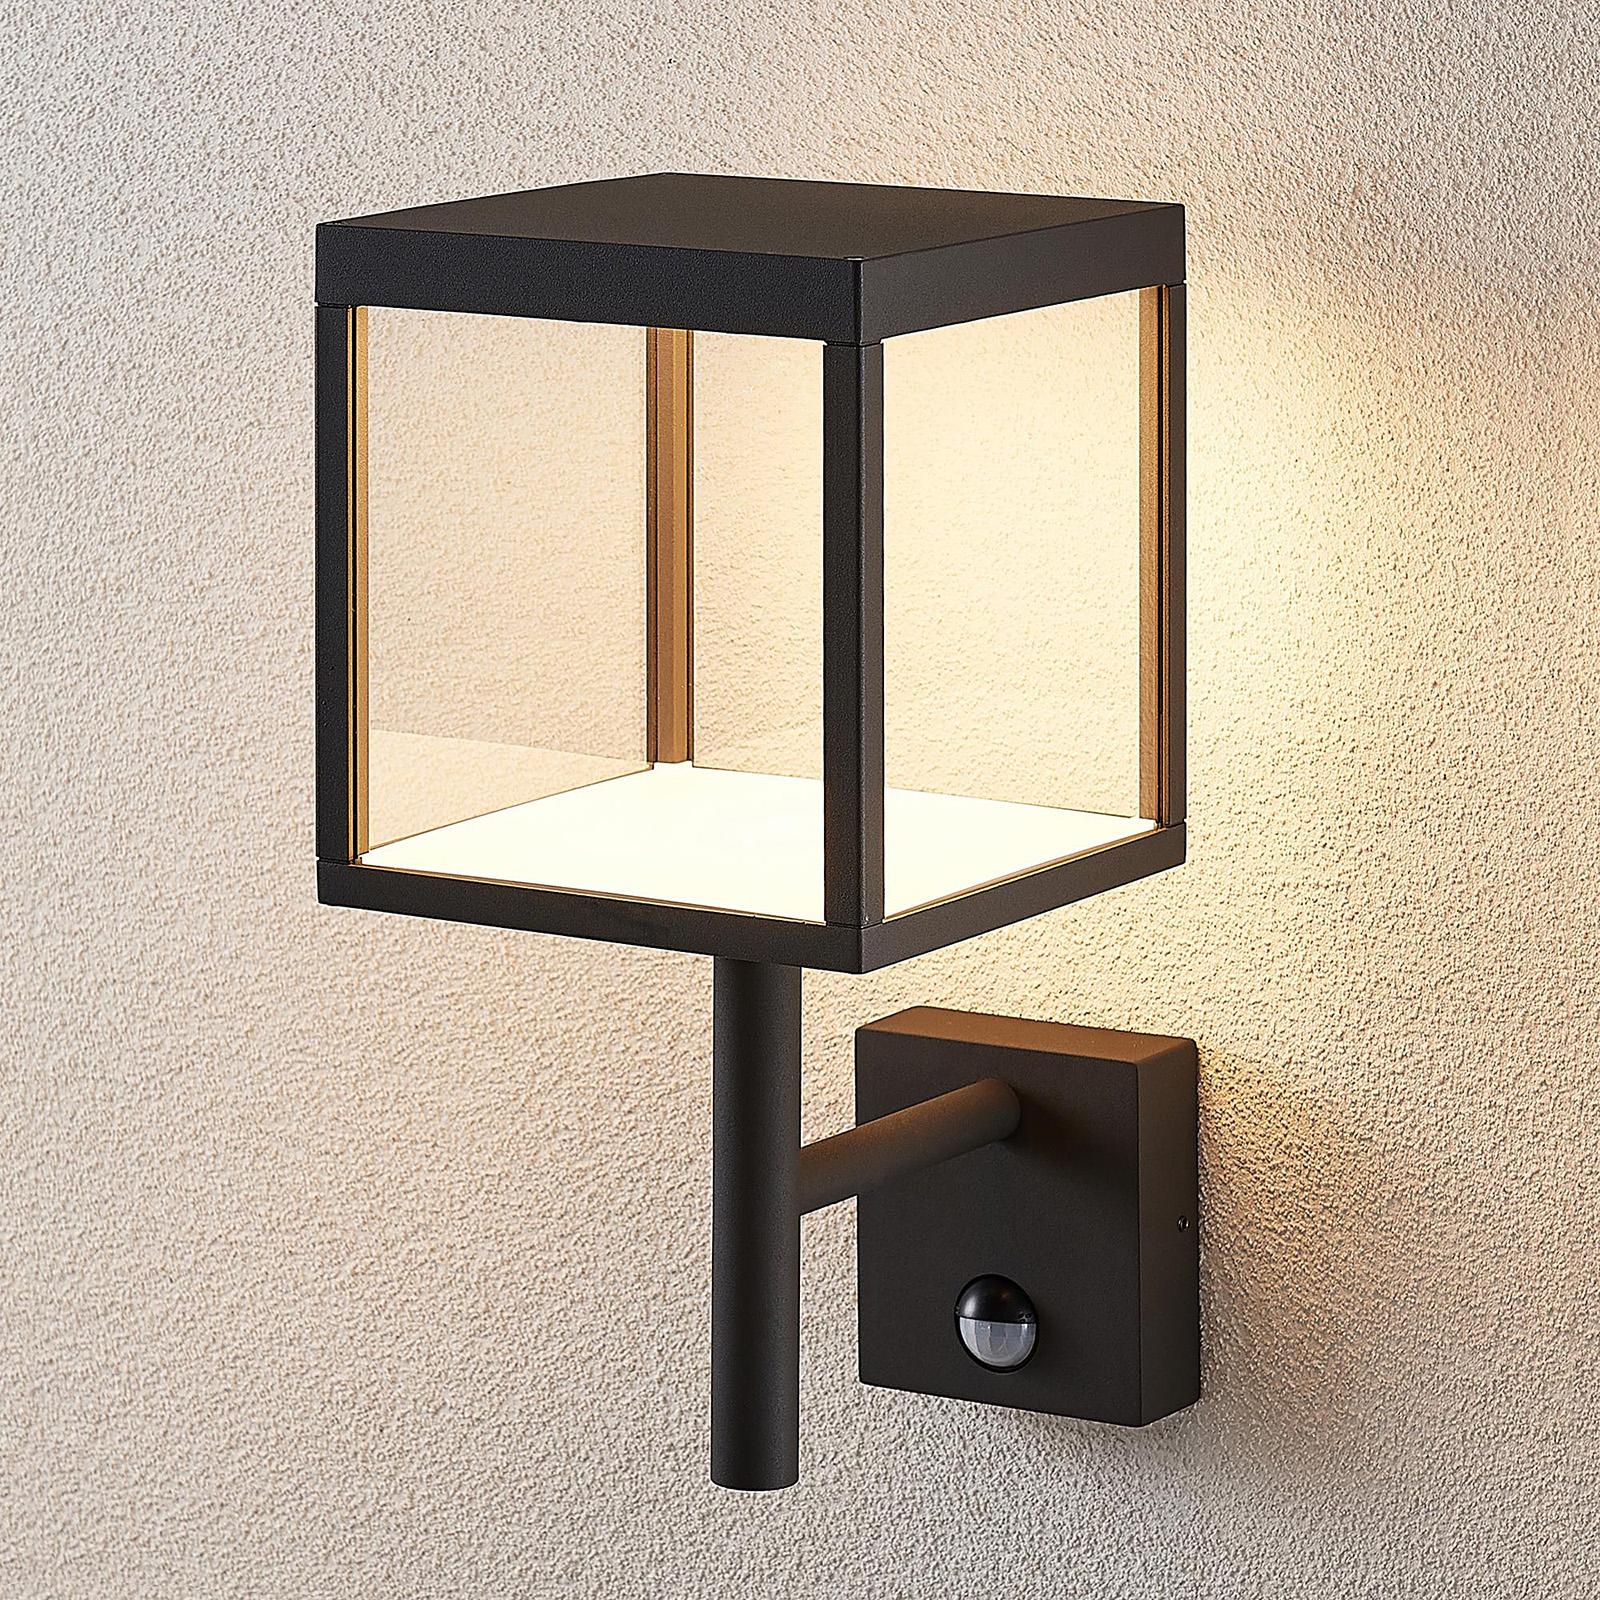 LED-Außenwandleuchte Cube, graphit, mit Sensor